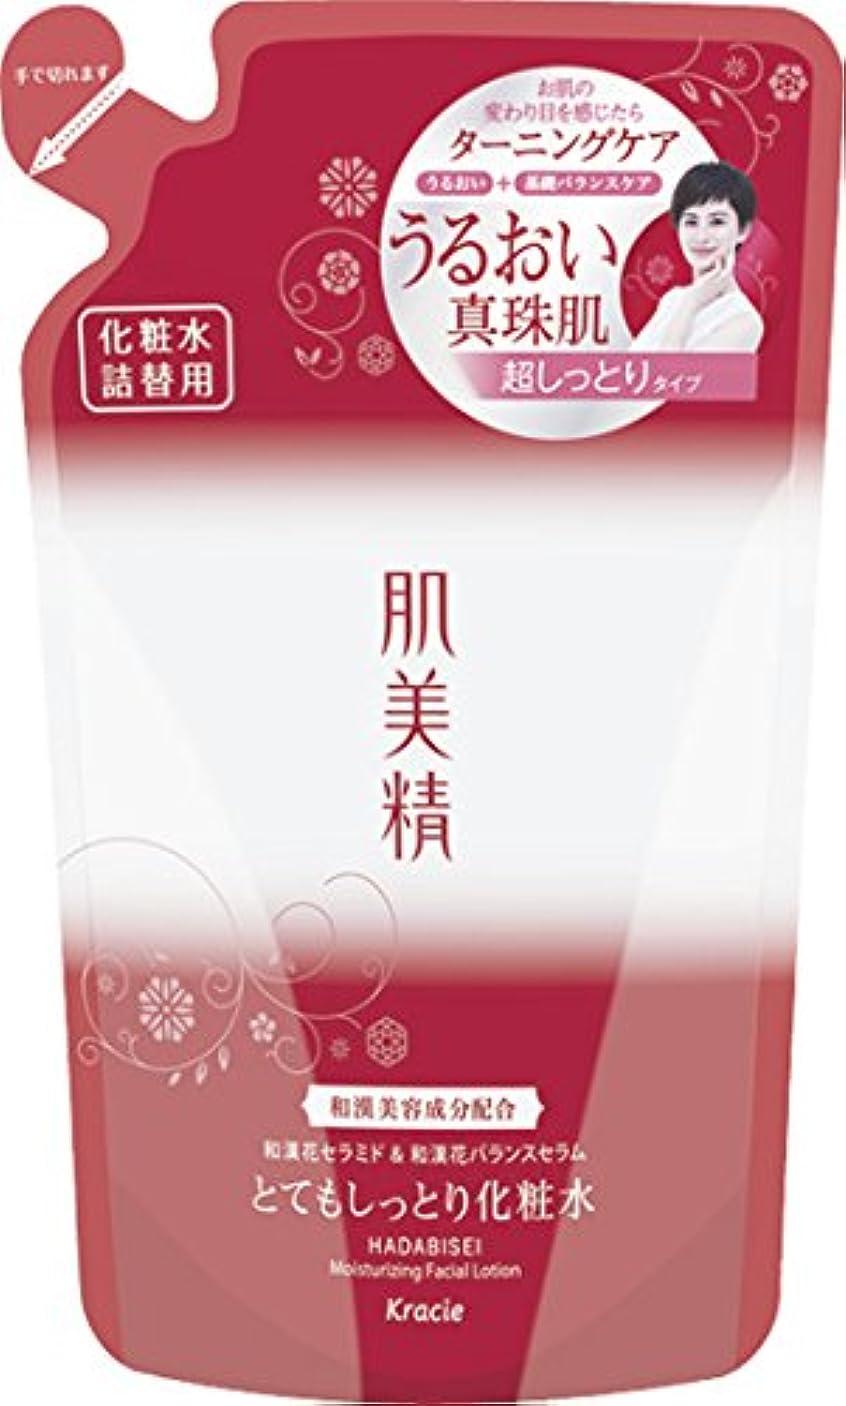 便利エリートライバル肌美精 潤濃ターニングケア保湿 とてもしっとり化粧水 詰替用 180mL